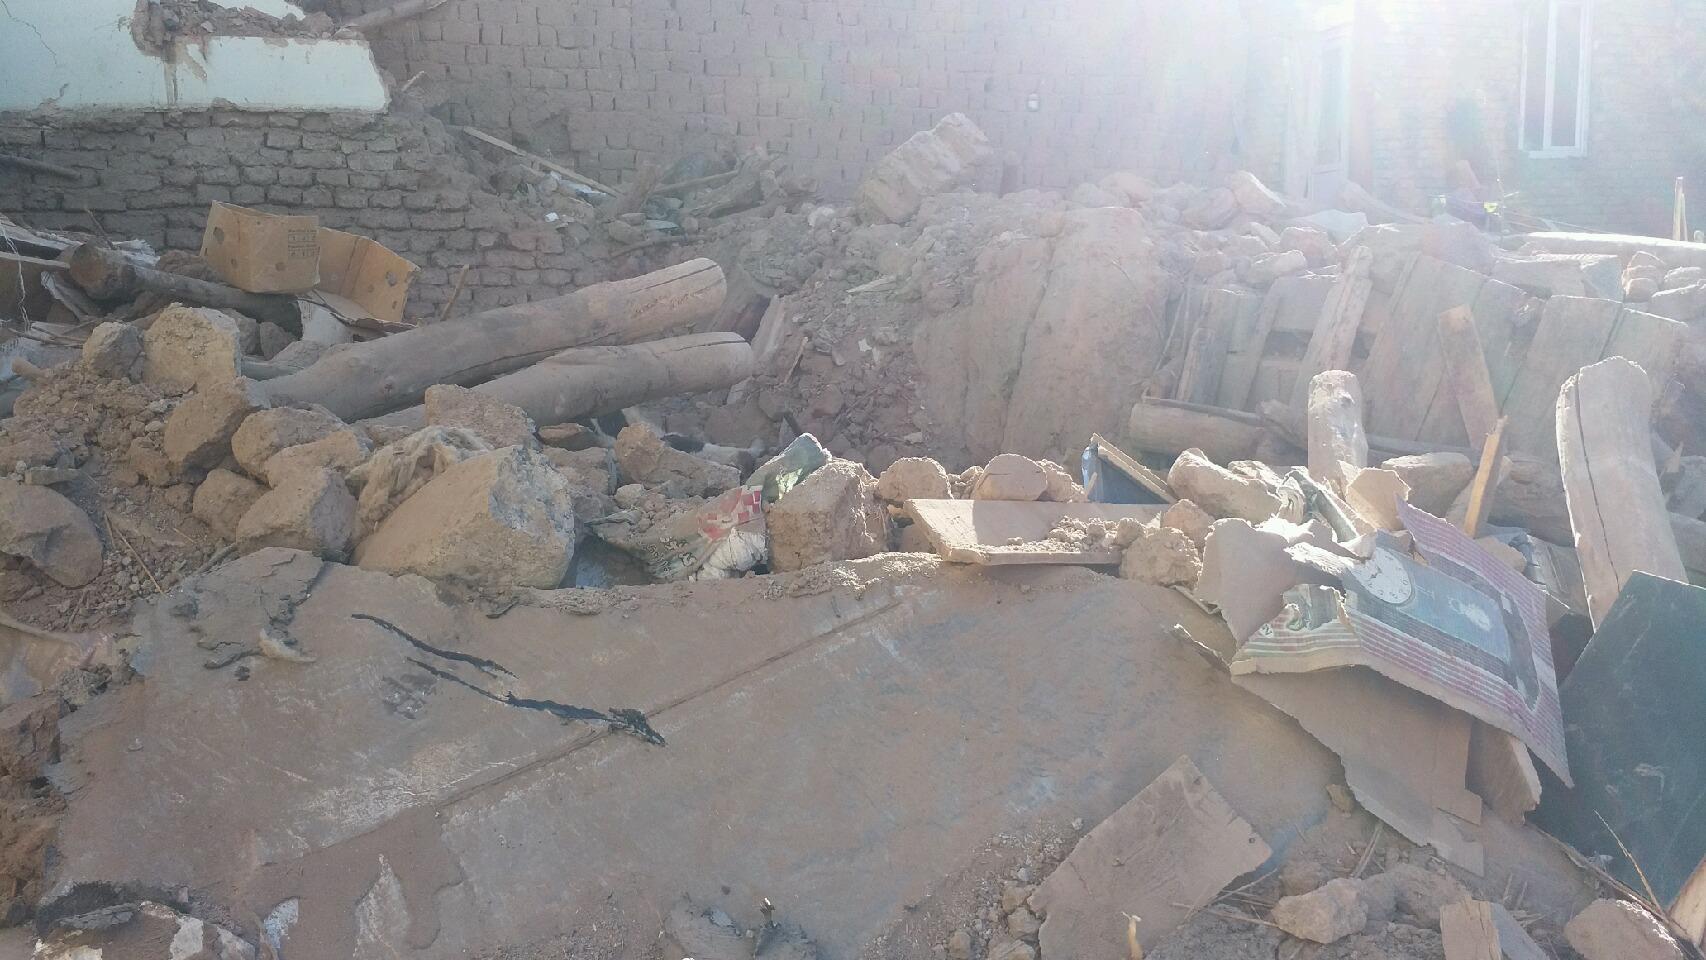 ۱۵ واحد صنفی در منطقه زلزله زده آسیب دیدند